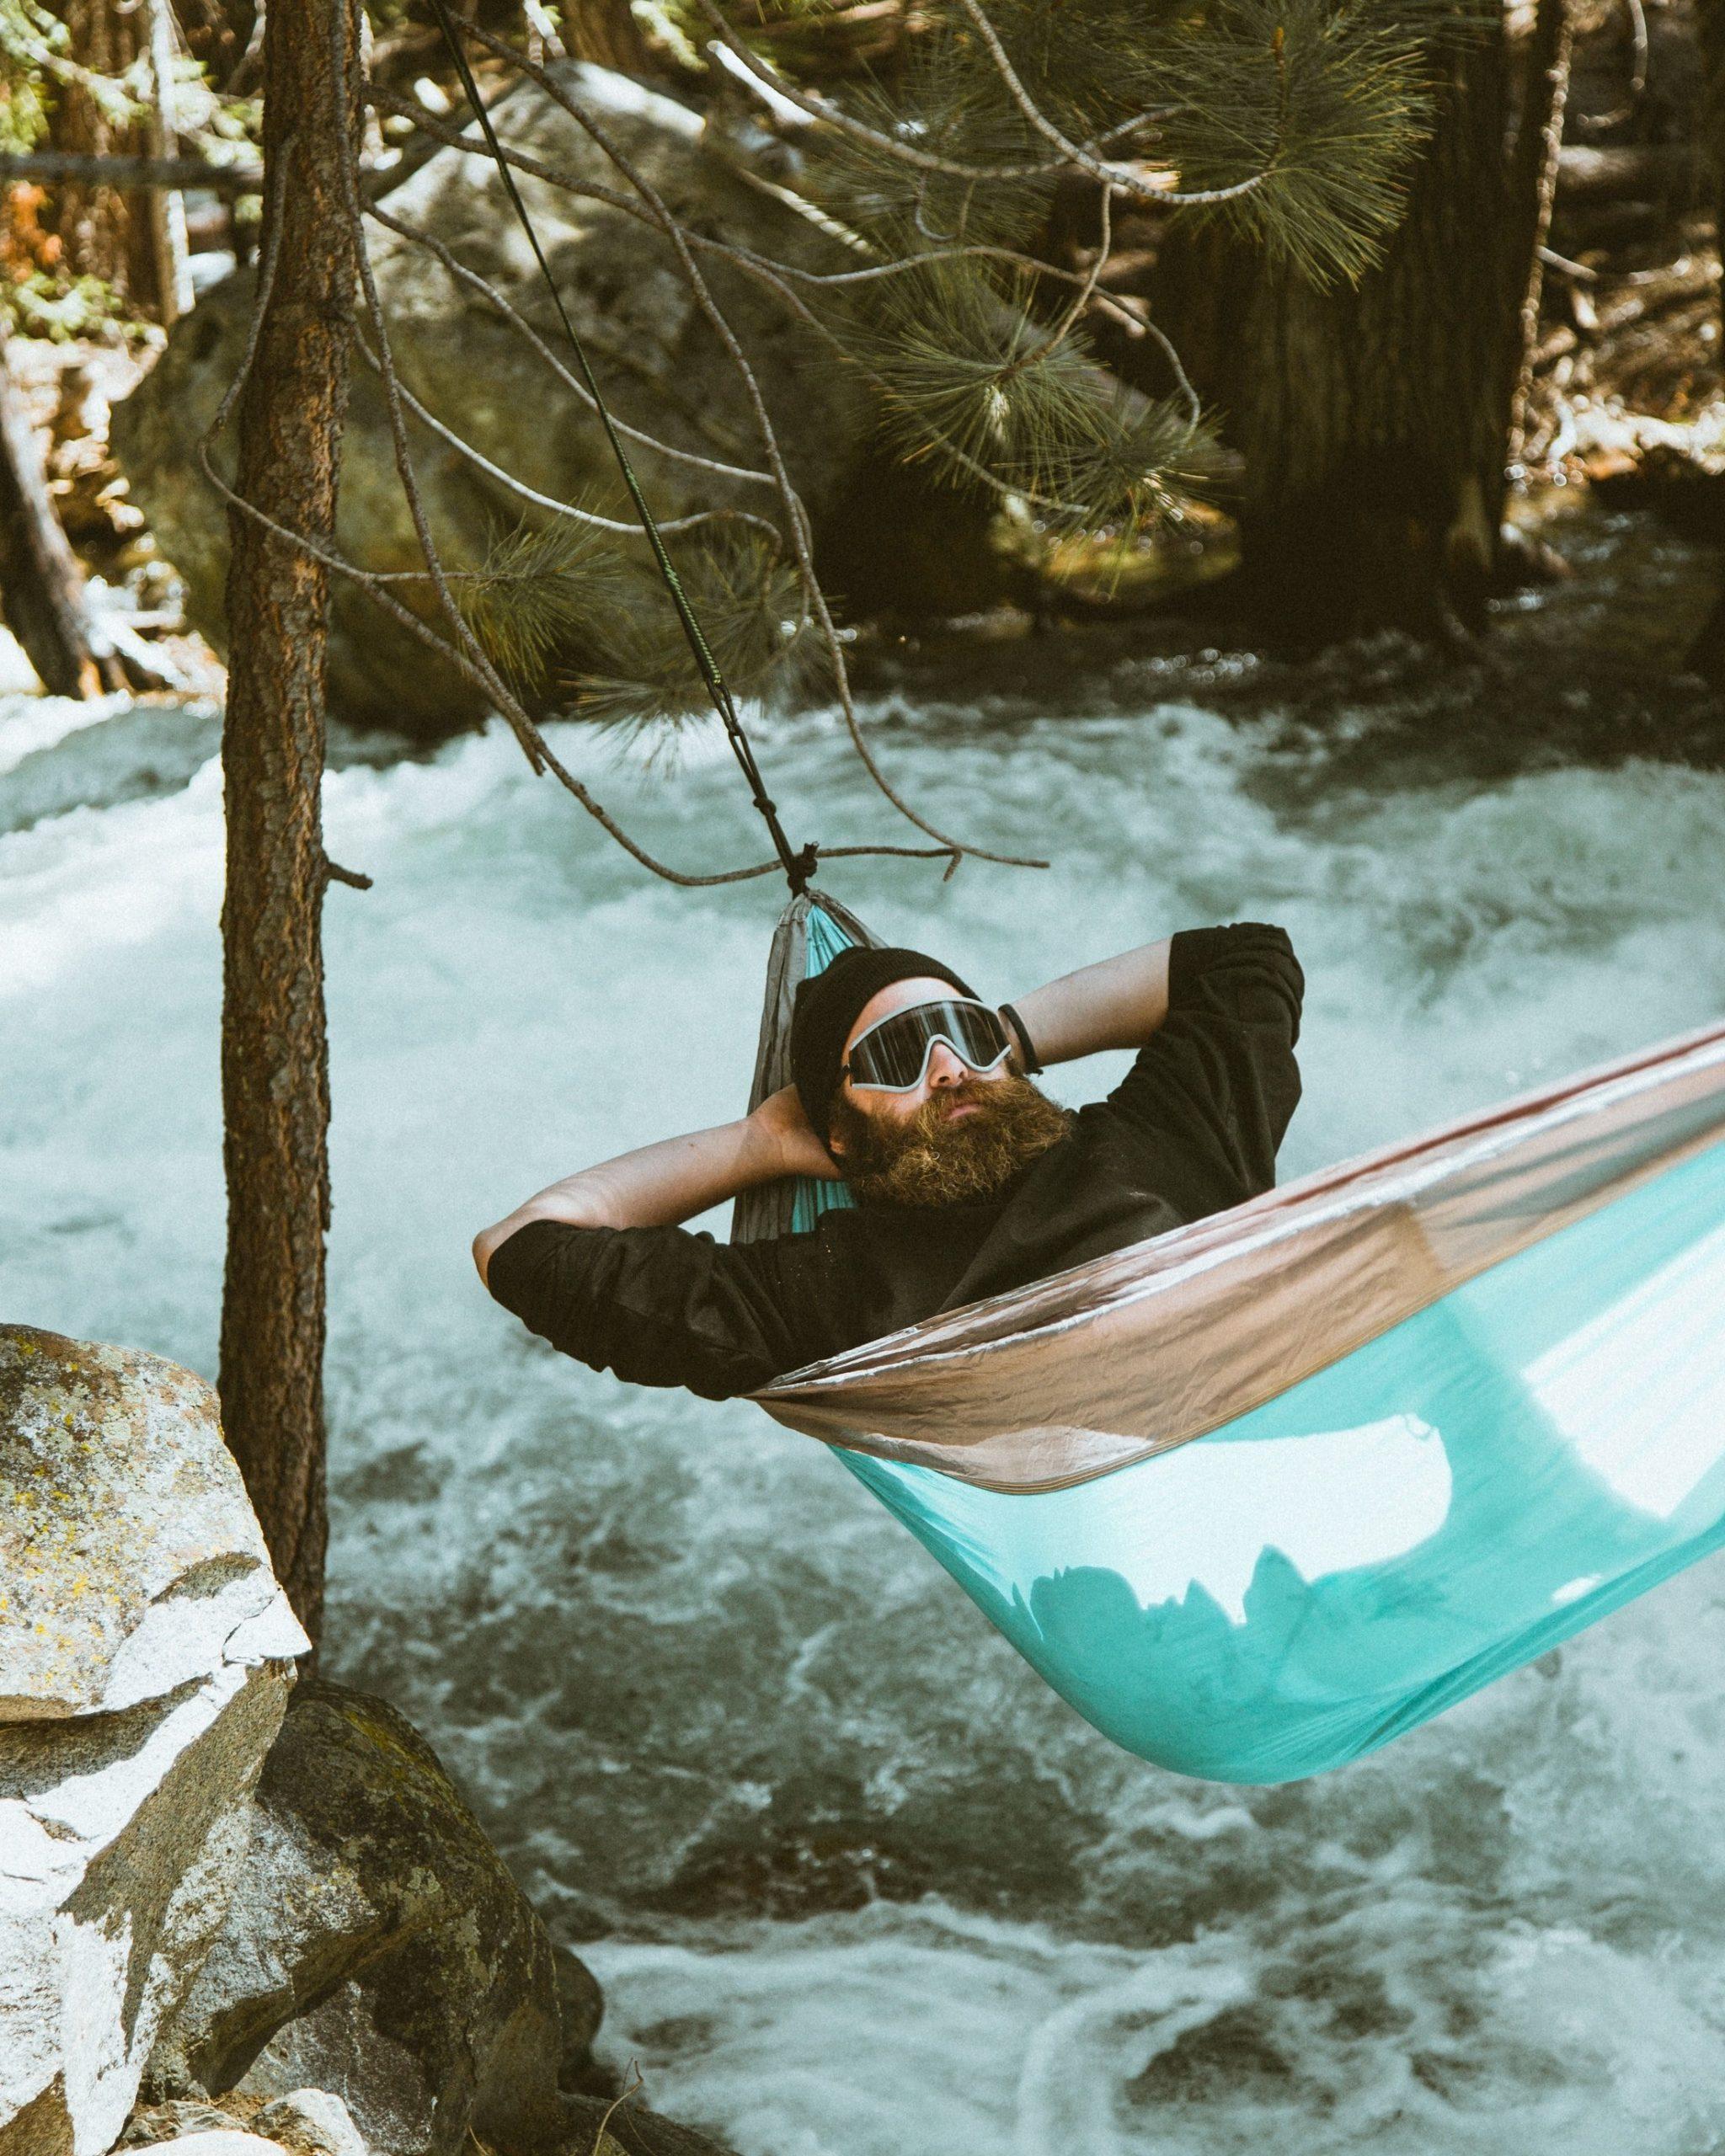 Man sleeping in hammock over water